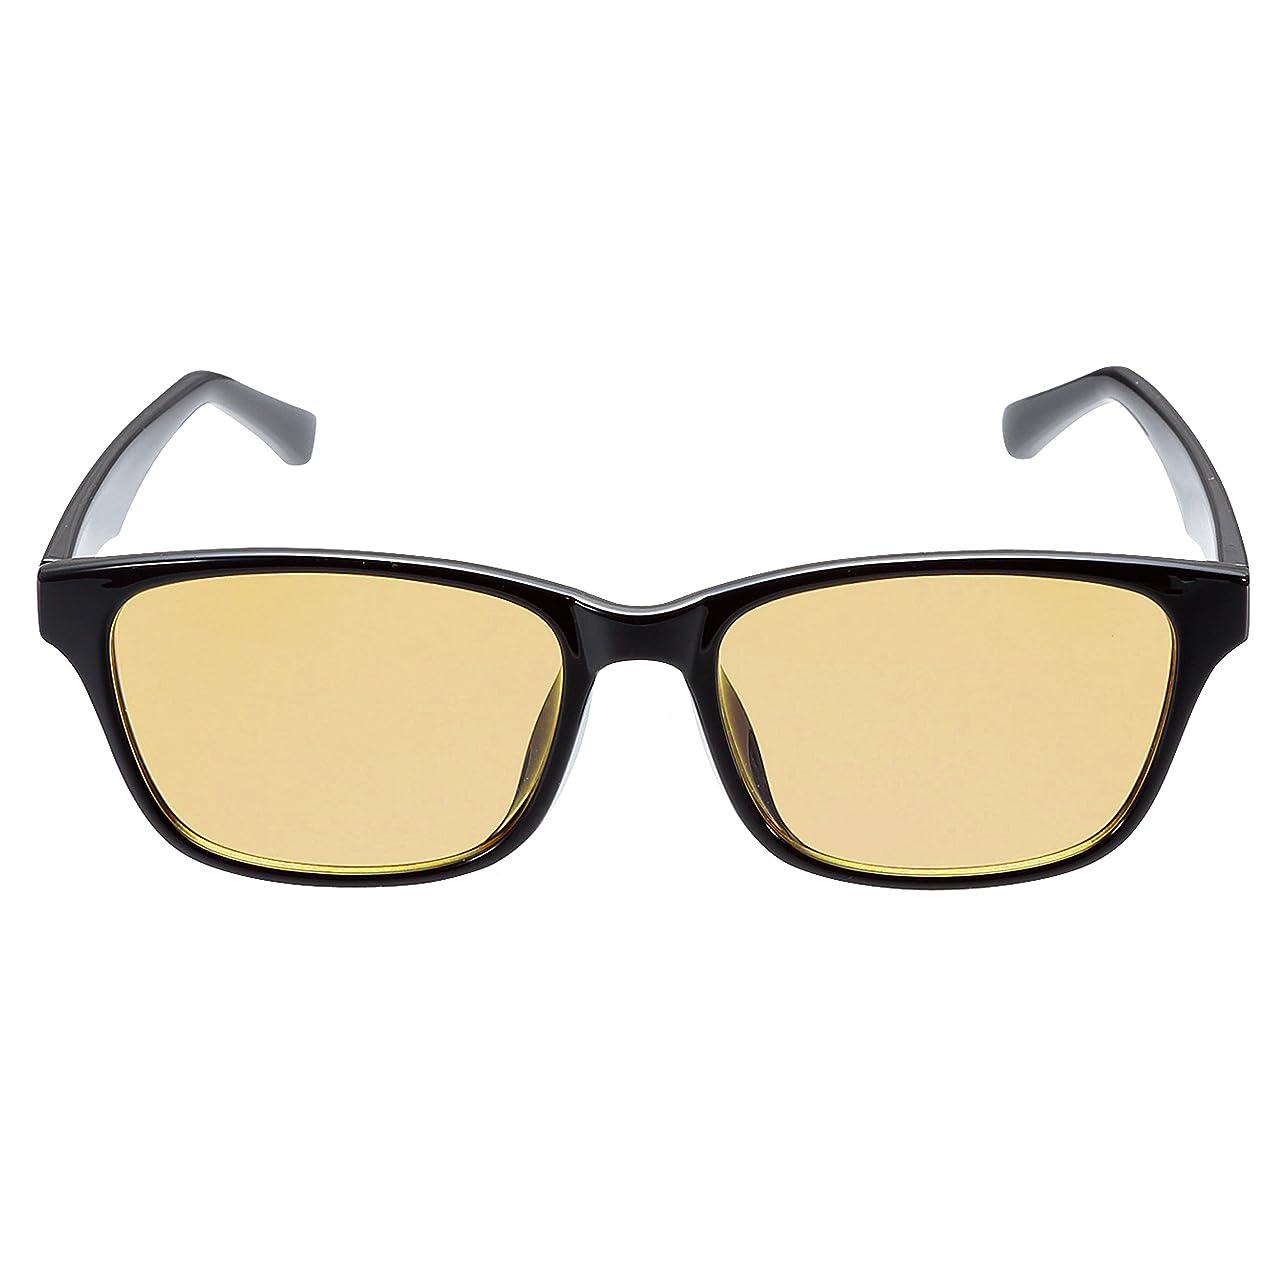 効果好色な運命Jawwei パソコンメガネ ブルーライトカット メガネ PC用 ボストン 丸 眼鏡 おしゃれ 超軽量 透明レンズ 度なし 視力保護 復古輻射防止眼鏡 円形 青色光 紫外線 カットメガネ メンズ レディース(ボストンメガネ,黒)